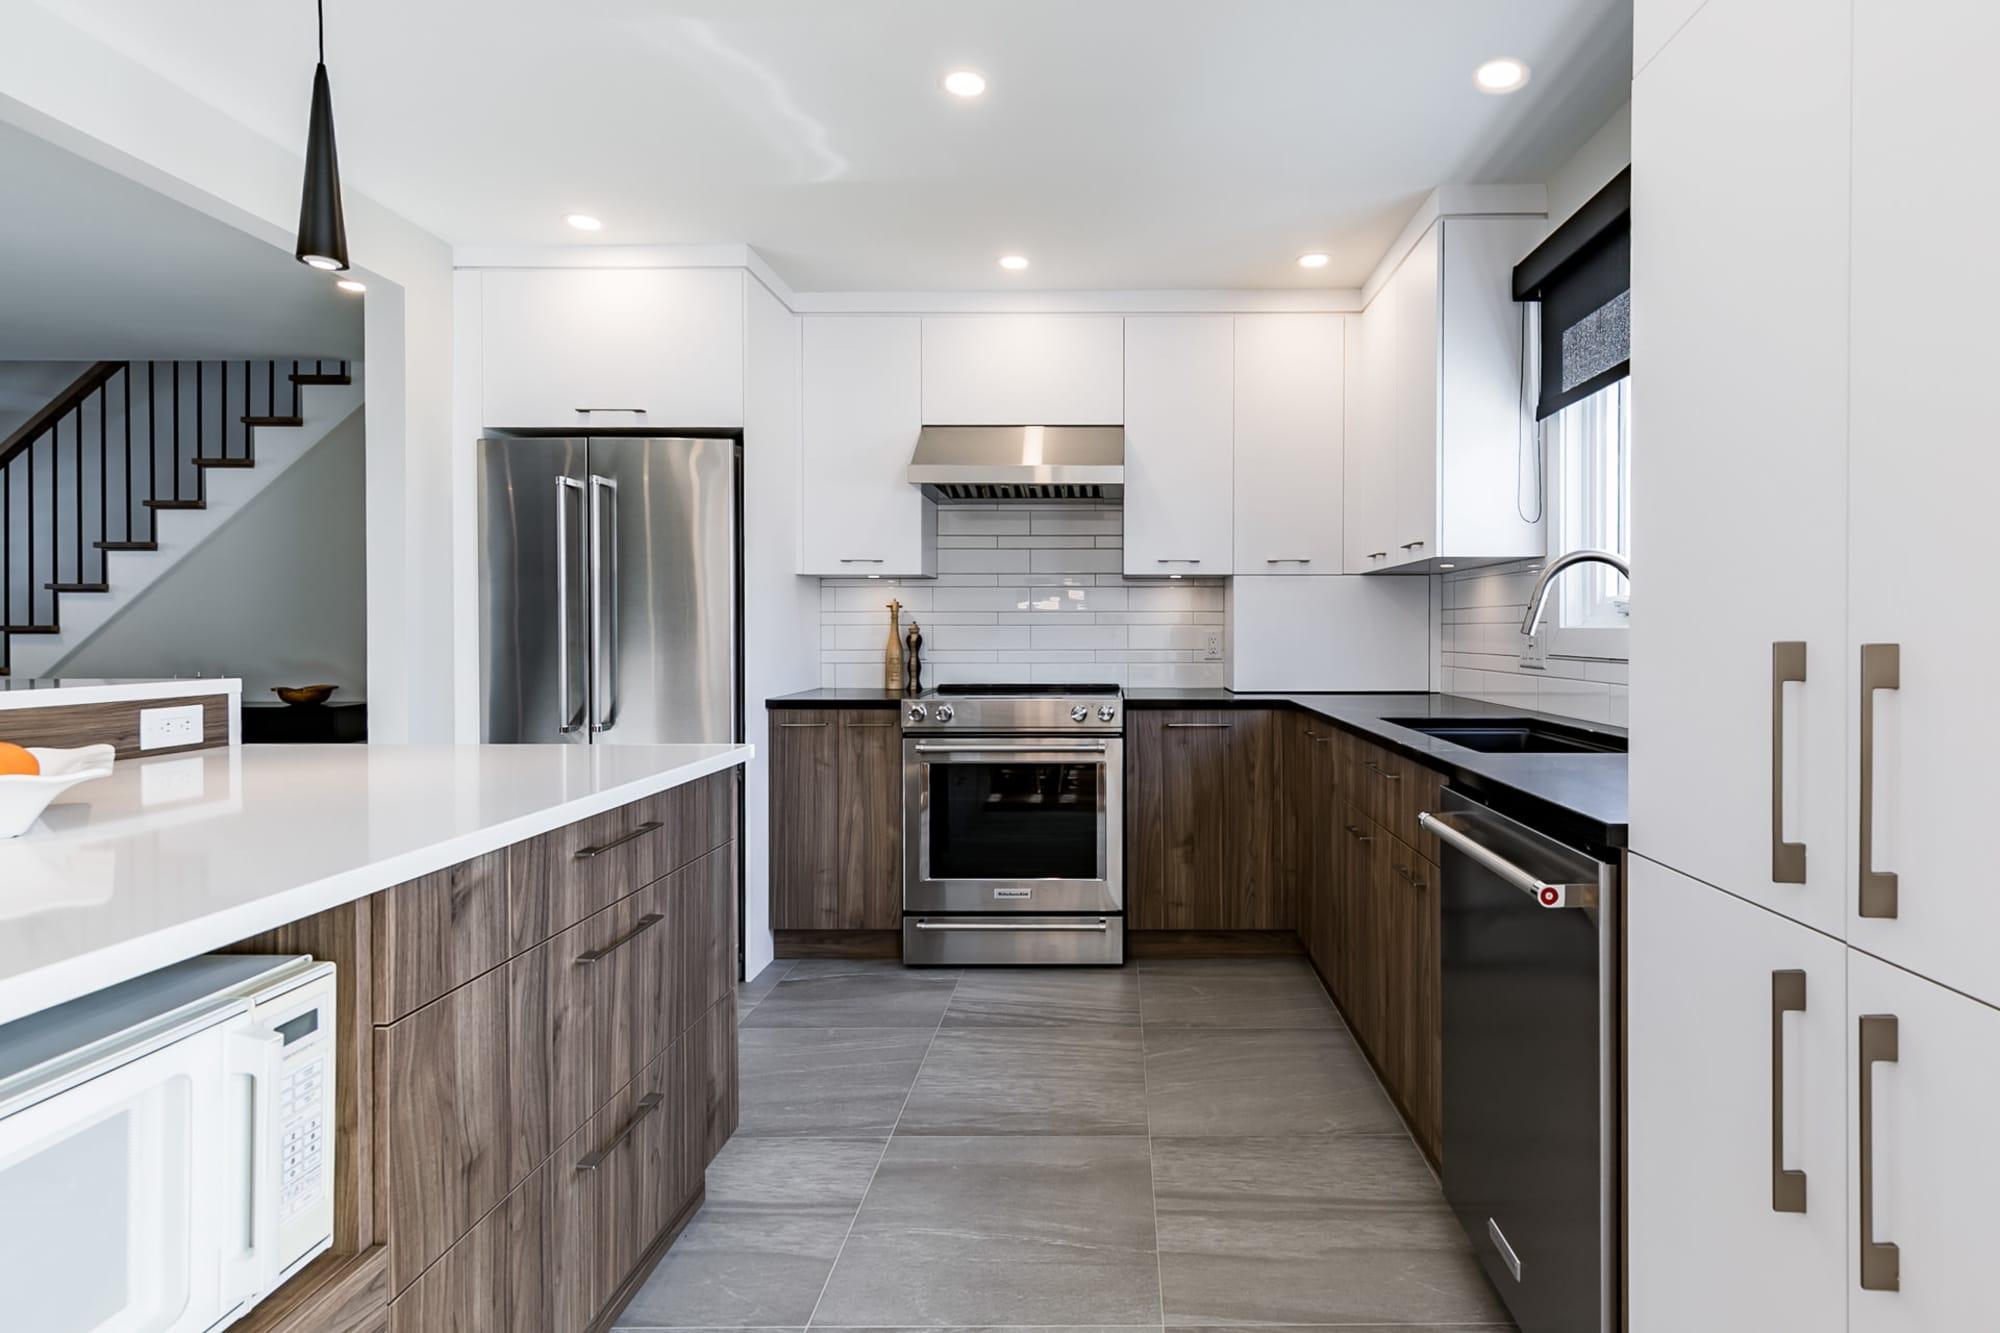 cuisine moderne deux tons avec électroménagers en stainless et comptoir en quartz blanc